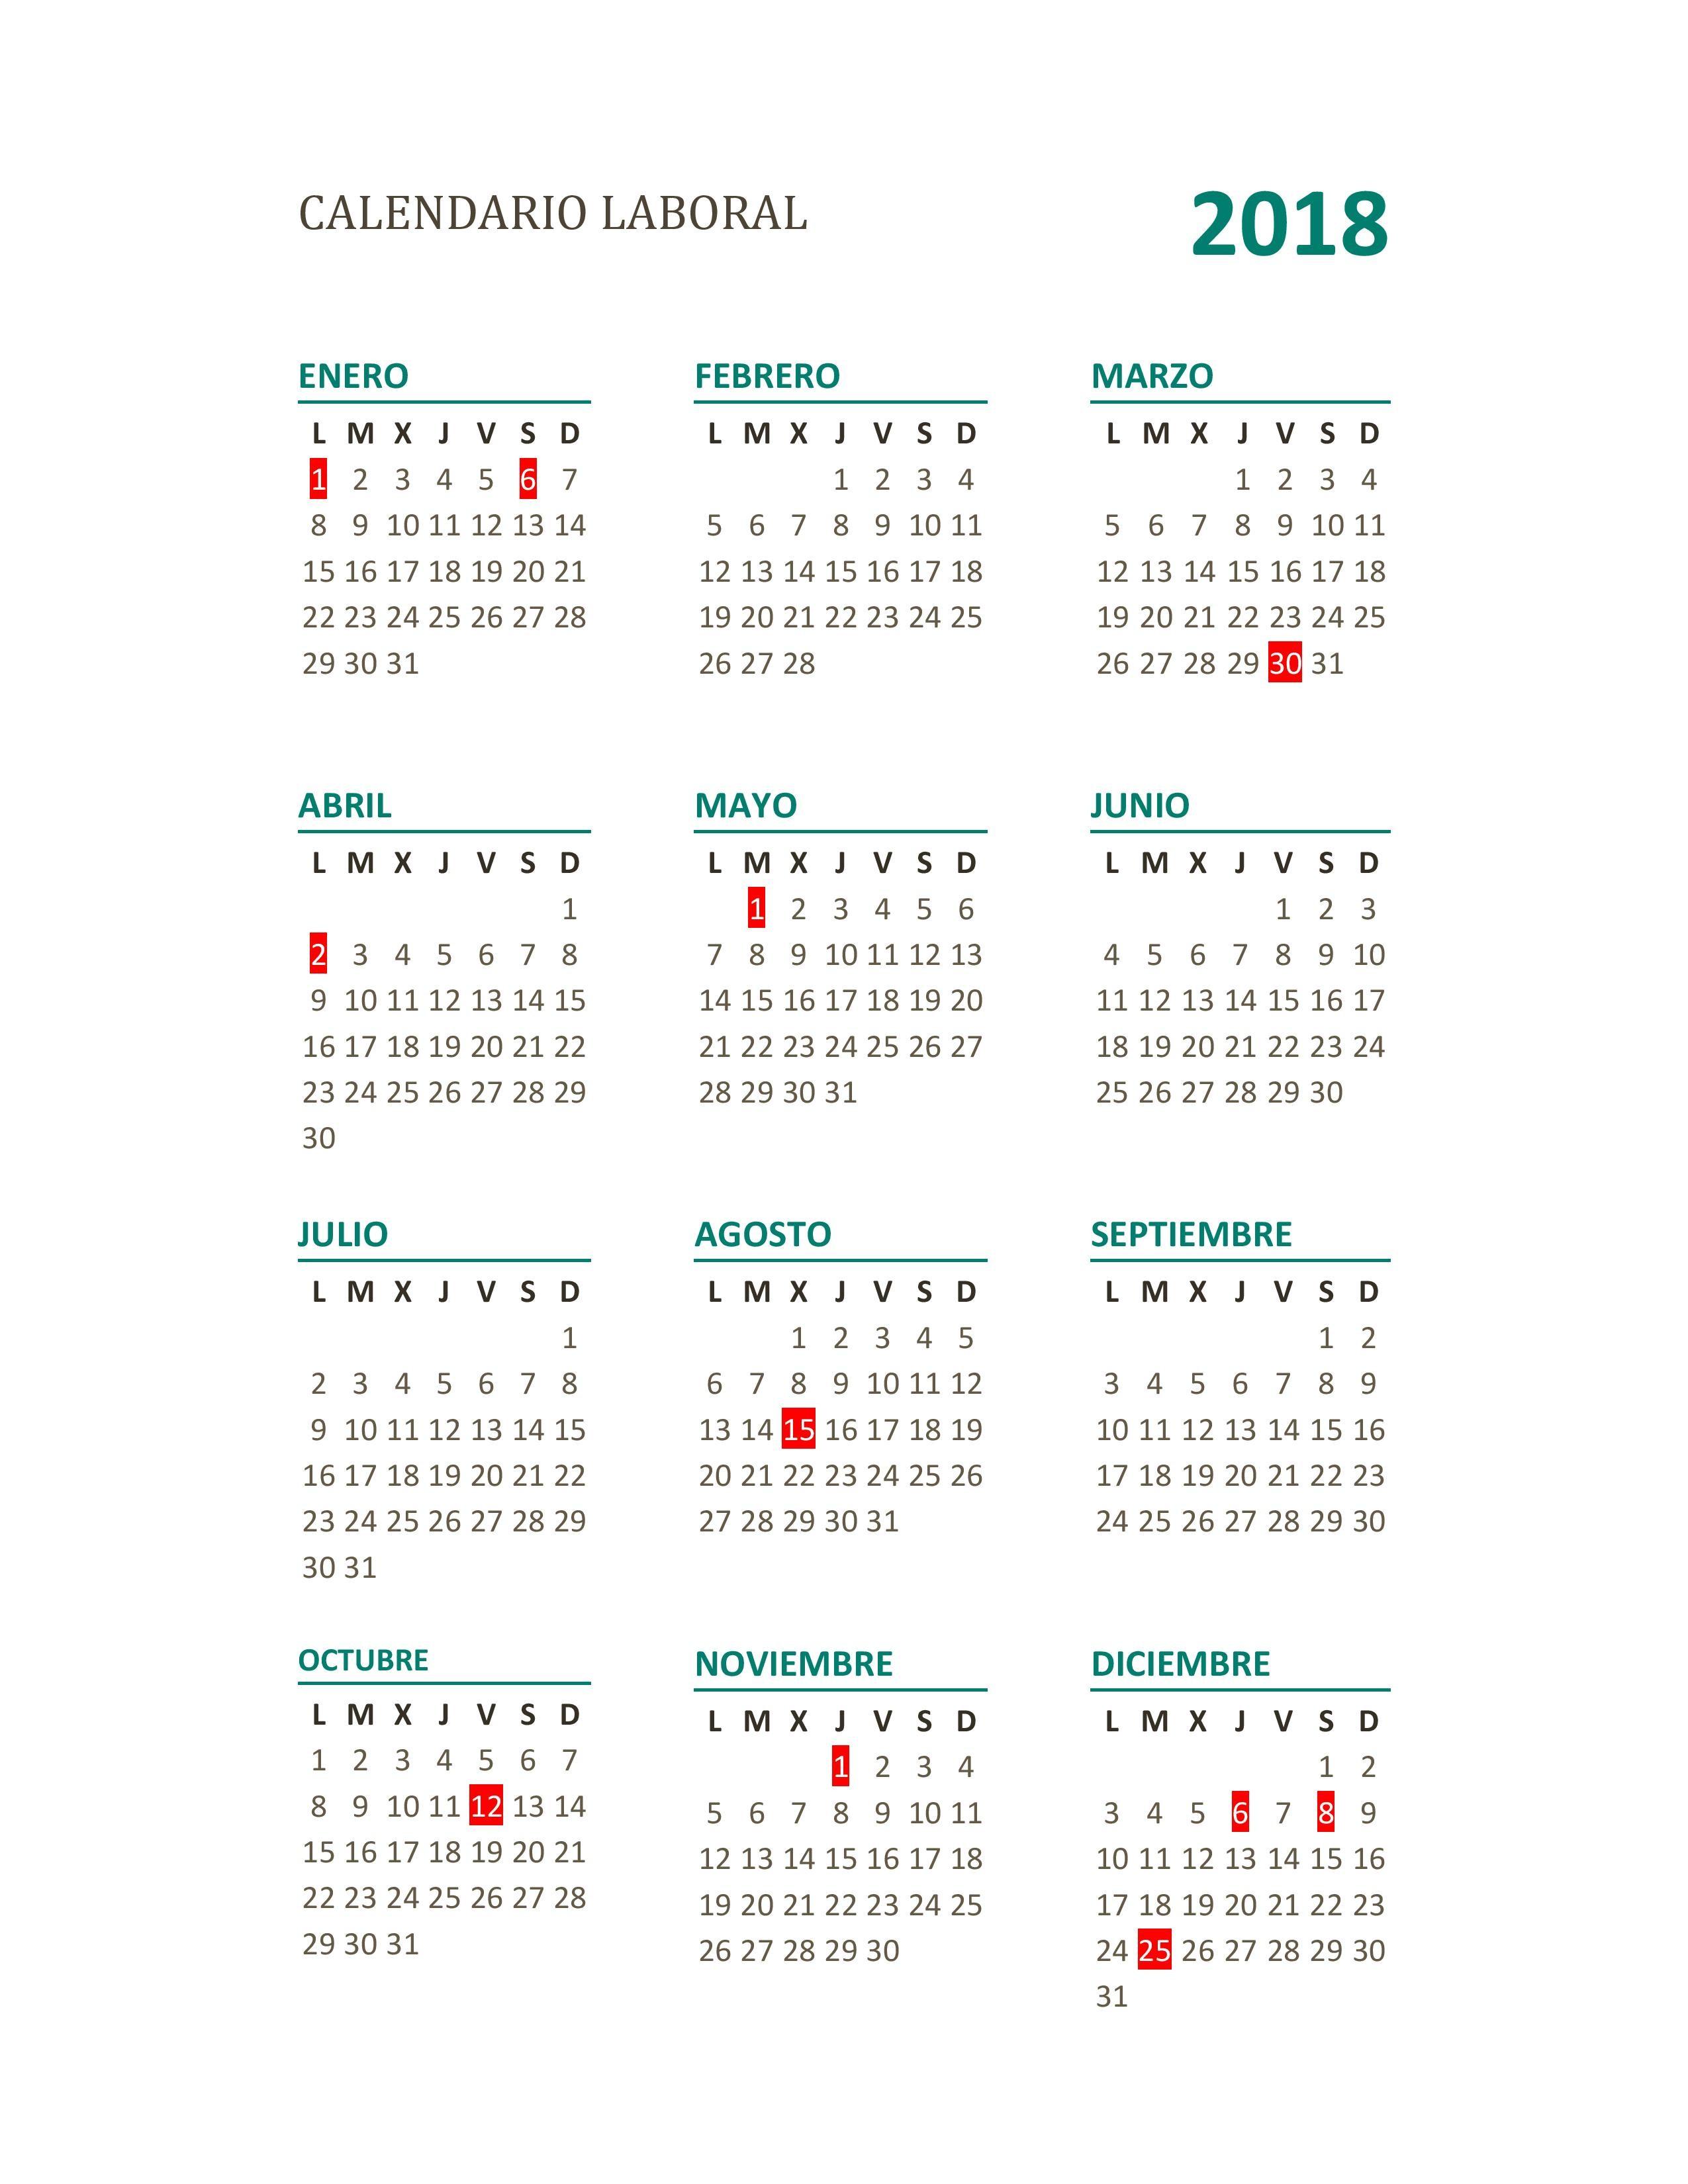 Calendario 2019 Para Llenar E Imprimir Más Recientemente Liberado Calendario Laboral 2018 Más De 200 Plantillas Para Imprimir Y Descargar Of Calendario 2019 Para Llenar E Imprimir Más Recientes Cobao